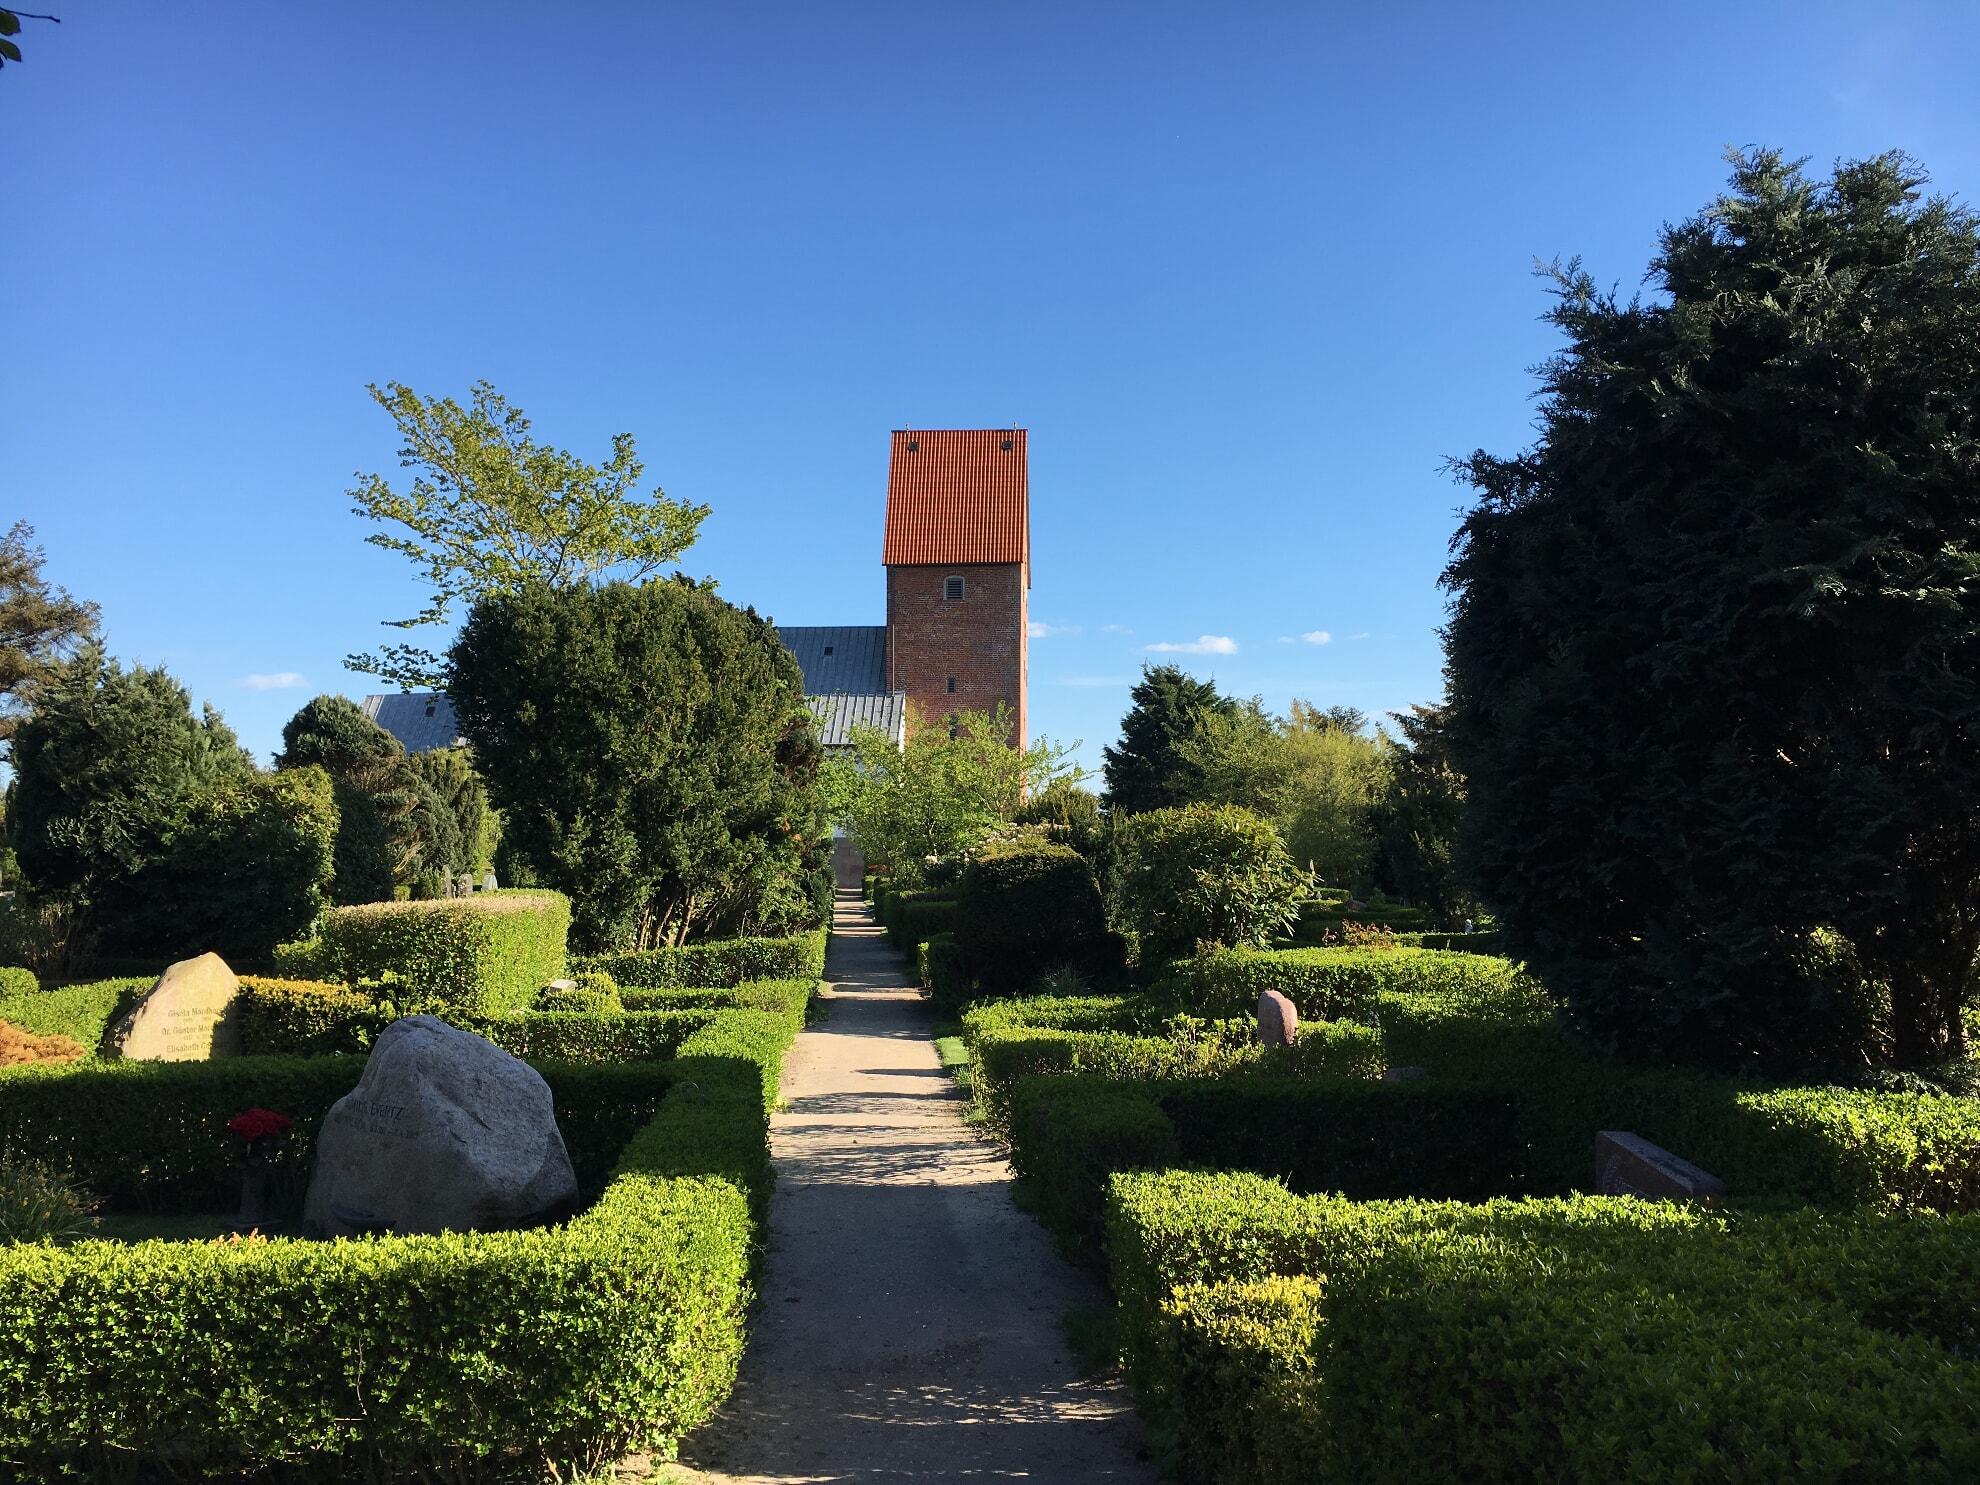 St. Severin - Ansicht vom Friedhof